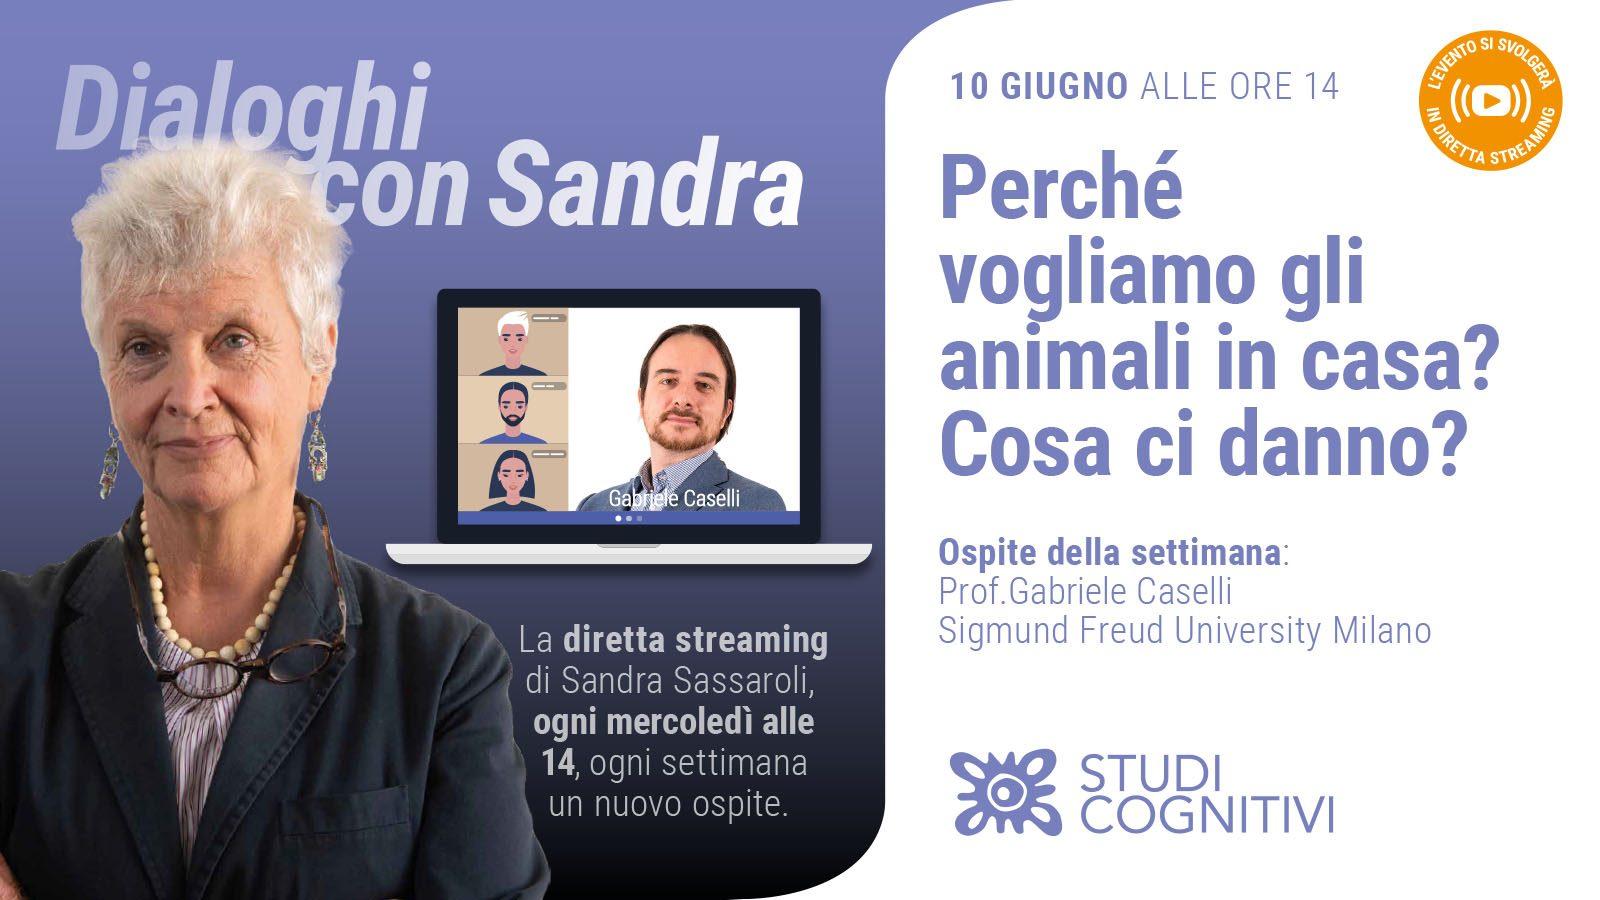 NAZIONALE - Dialoghi con Sandra - 08 - 200610 - banner